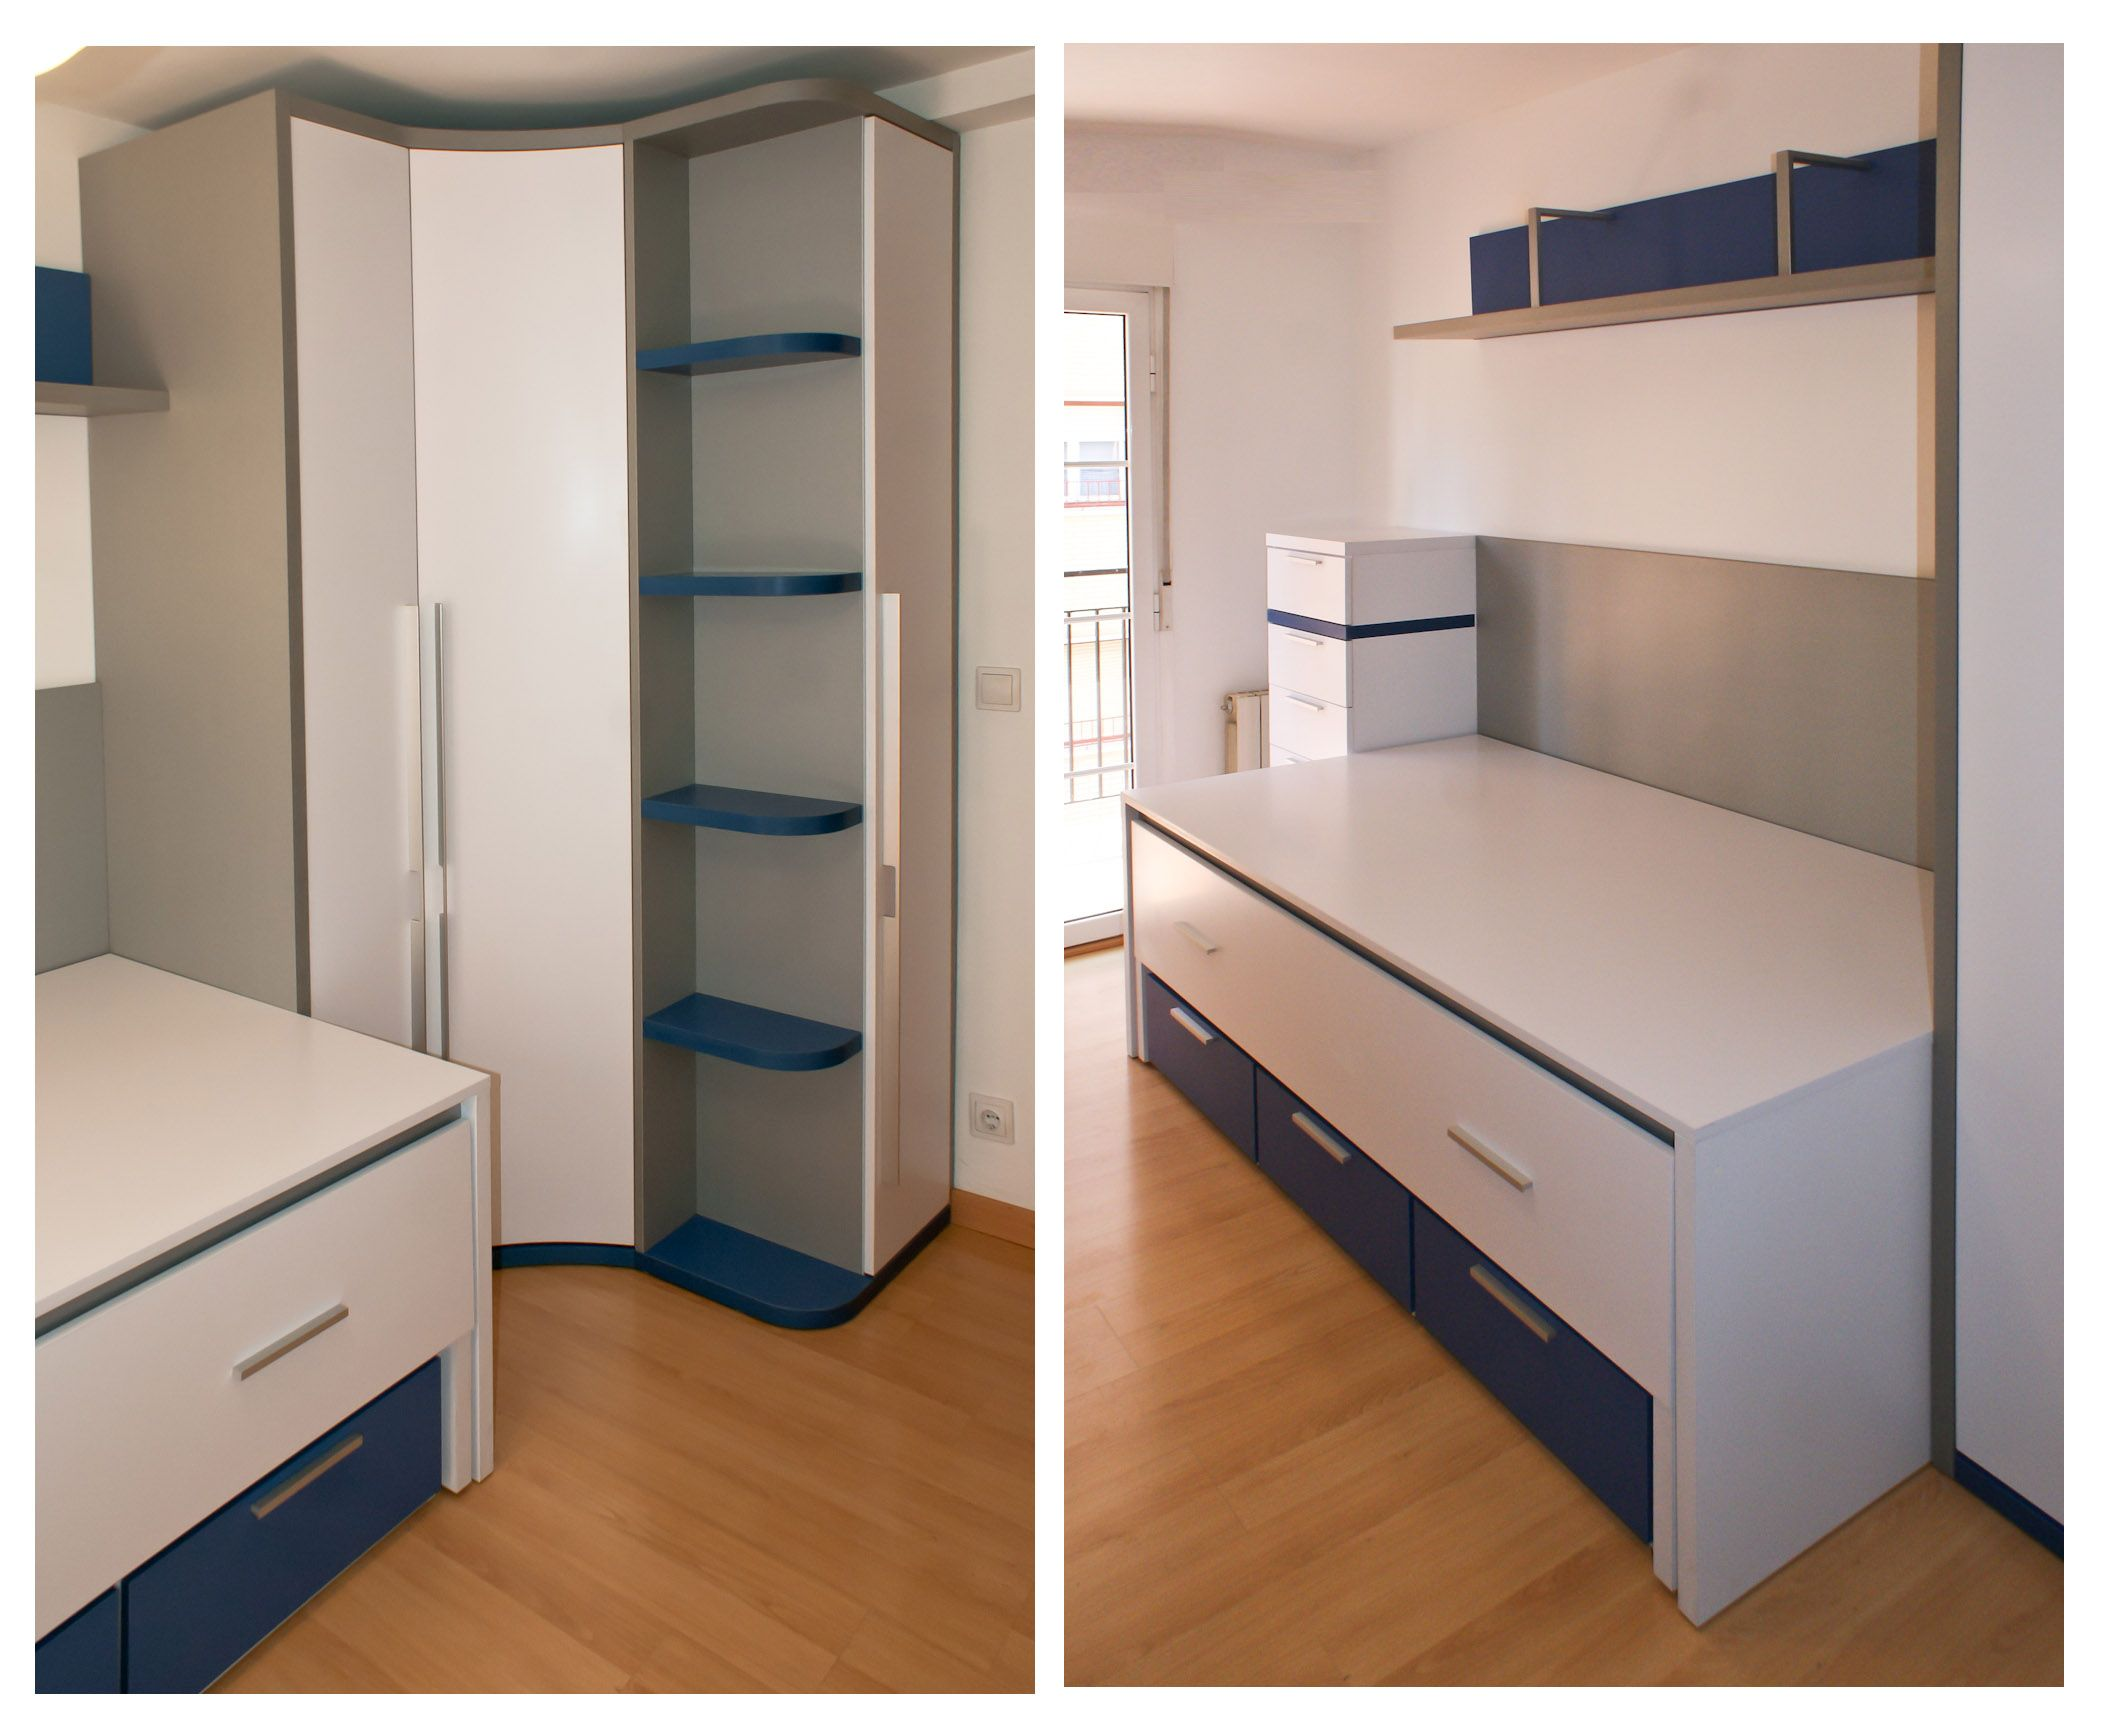 Novedades en soluciones mueble juvenil dormitorio juvenil for Muebles juveniles la plata